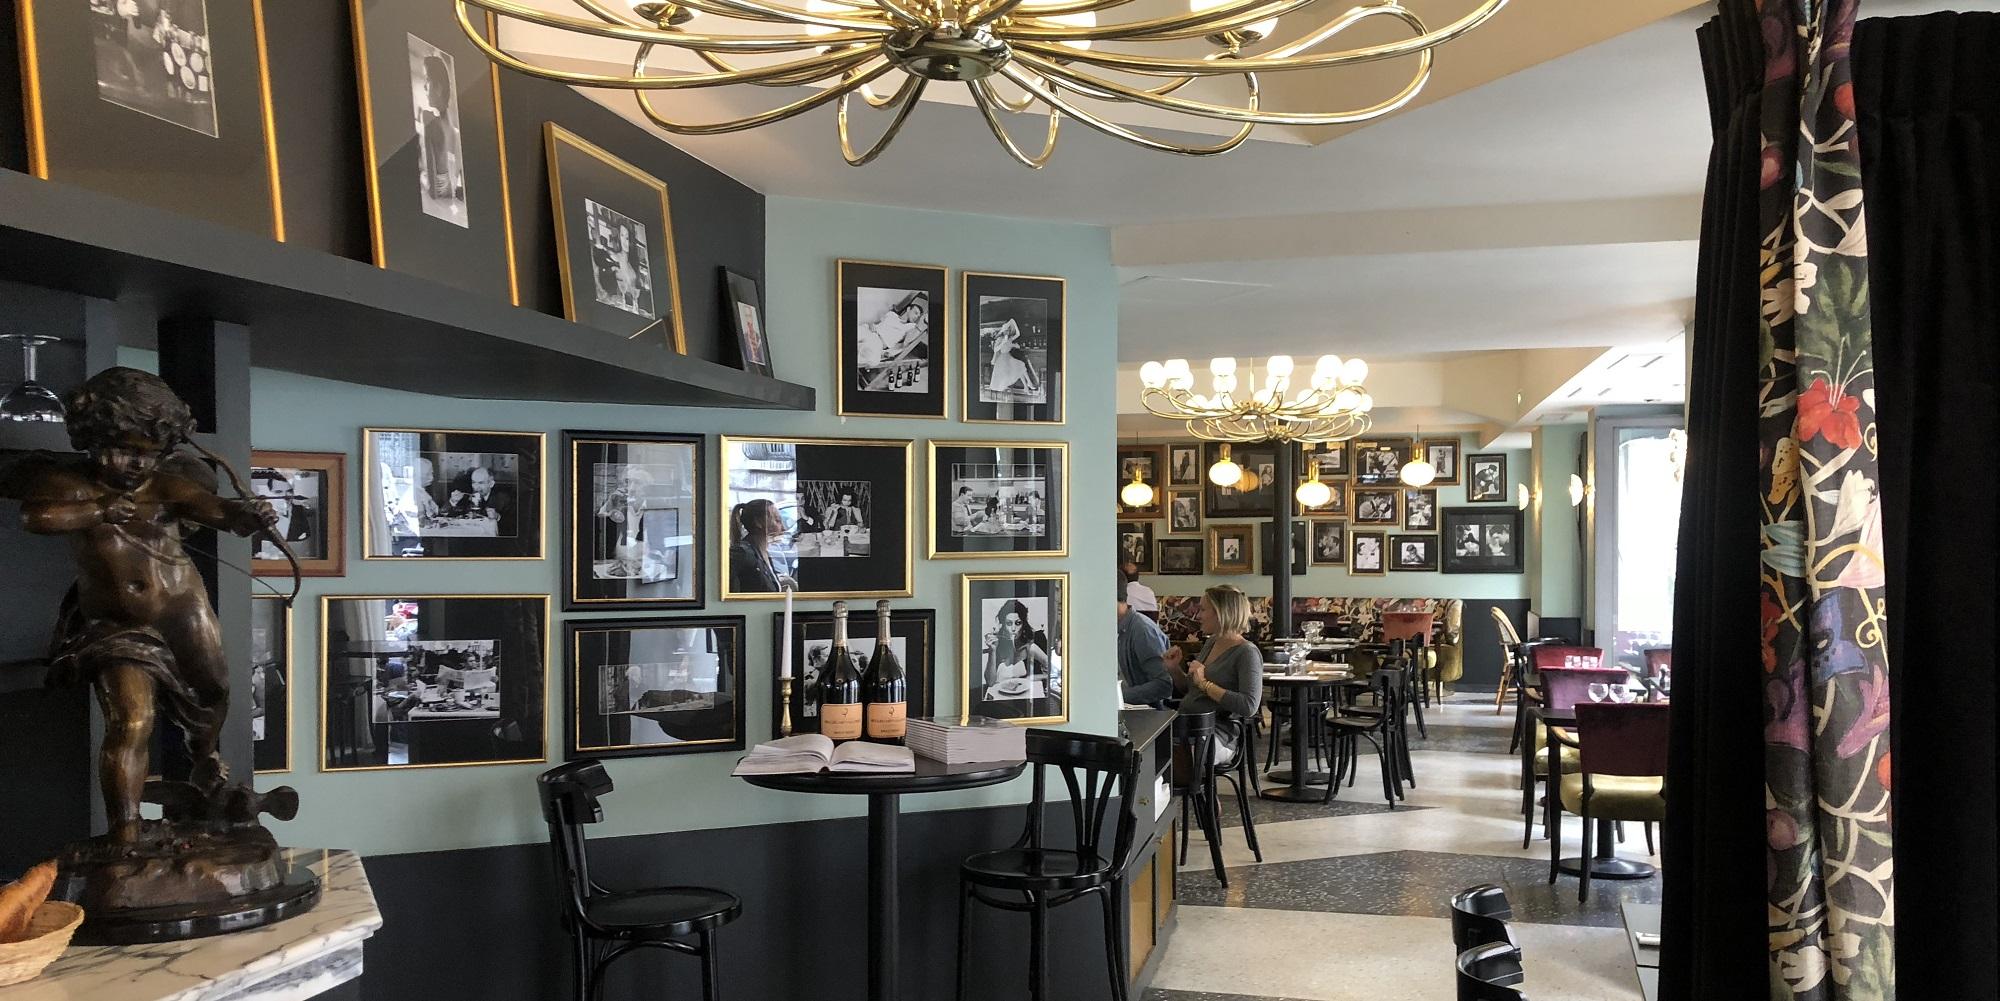 Brunch maison marie 75005 paris 5 me oubruncher for Maison du luxembourg restaurant